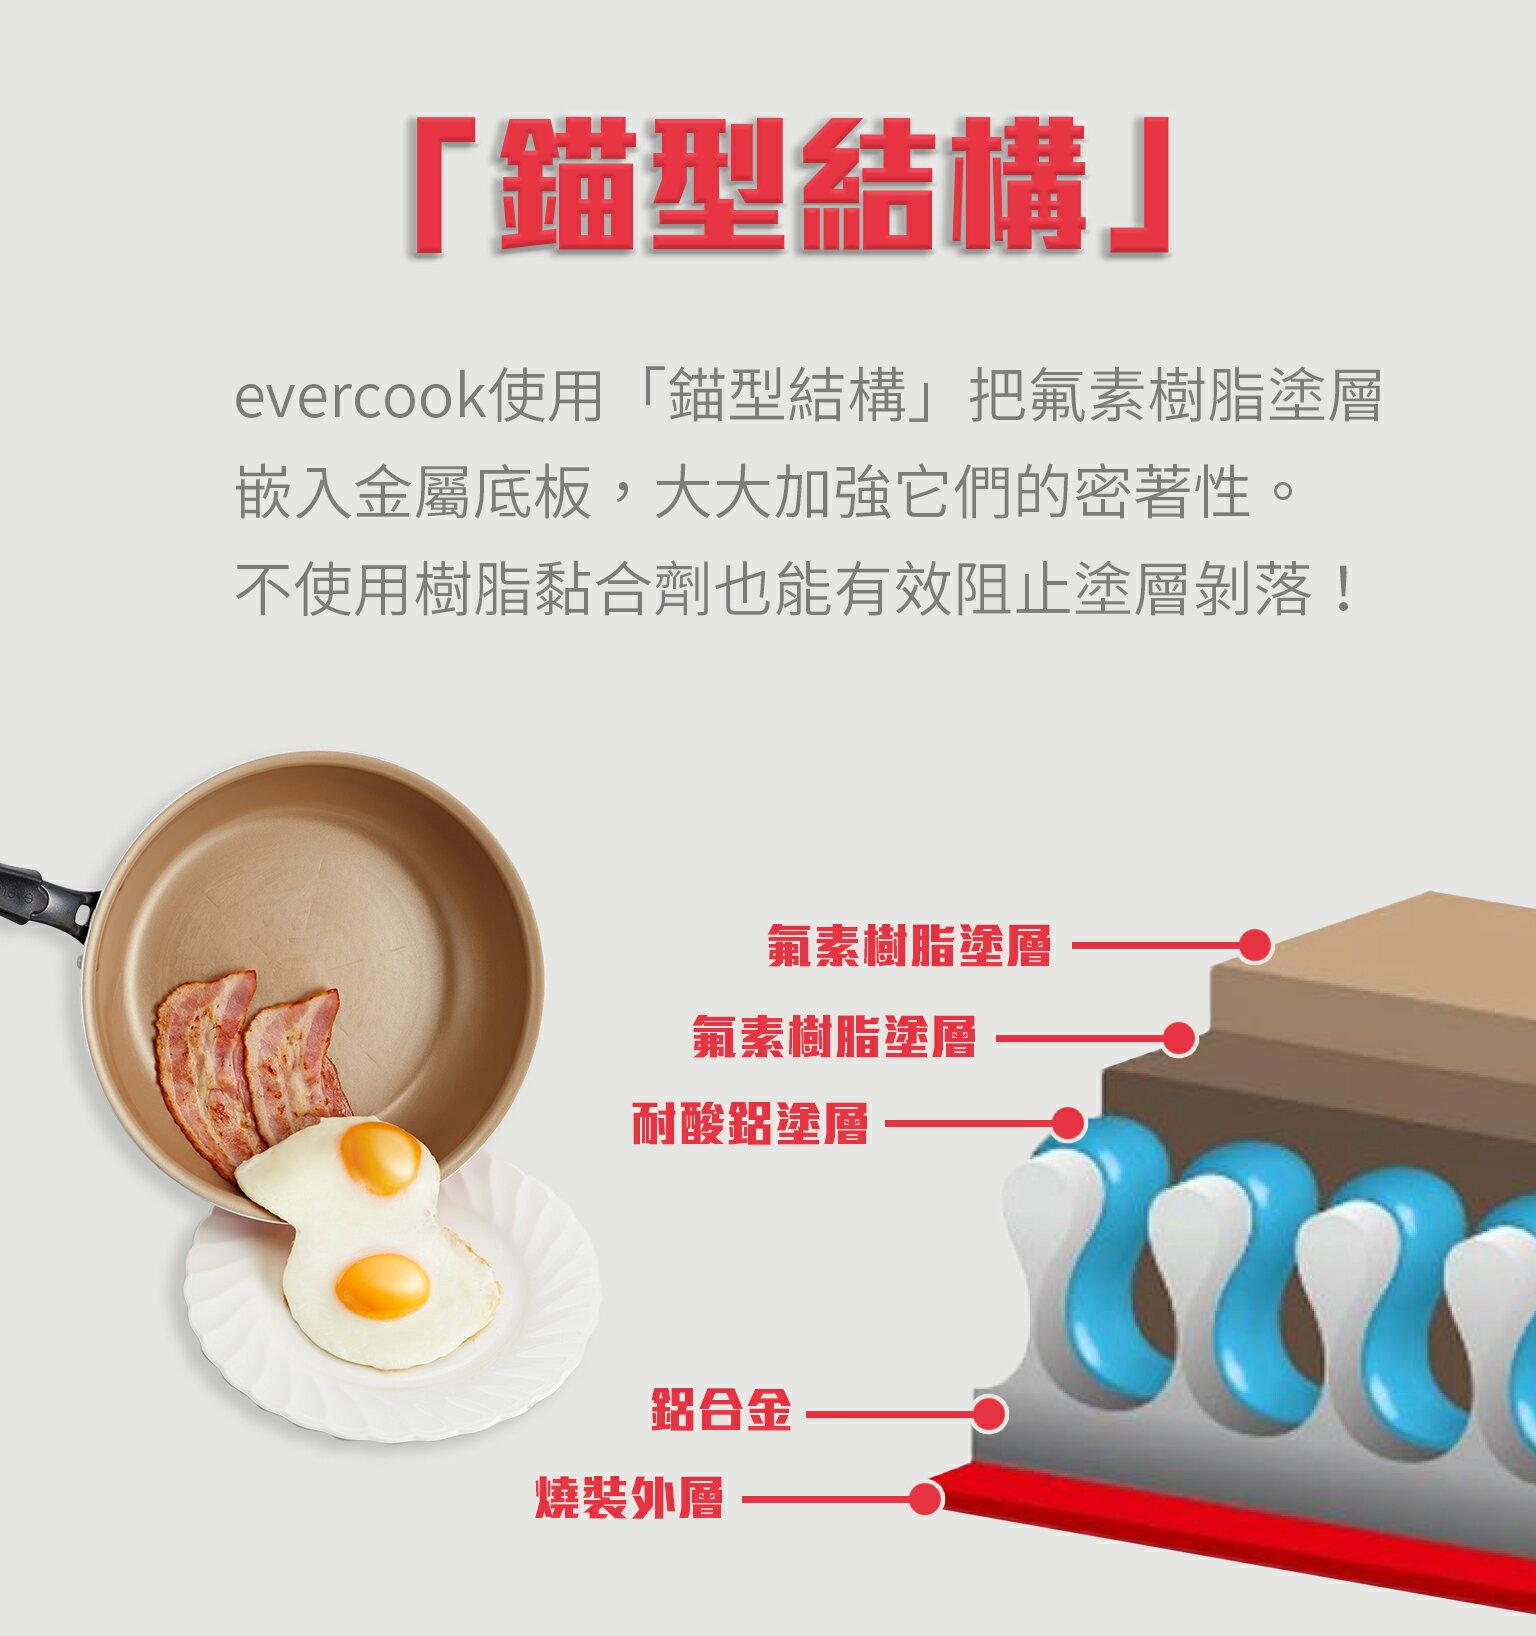 【日本Doshisha evercook】三件組-炒鍋 26cm+炒鍋 28cm+玉子燒-15*18cm 4